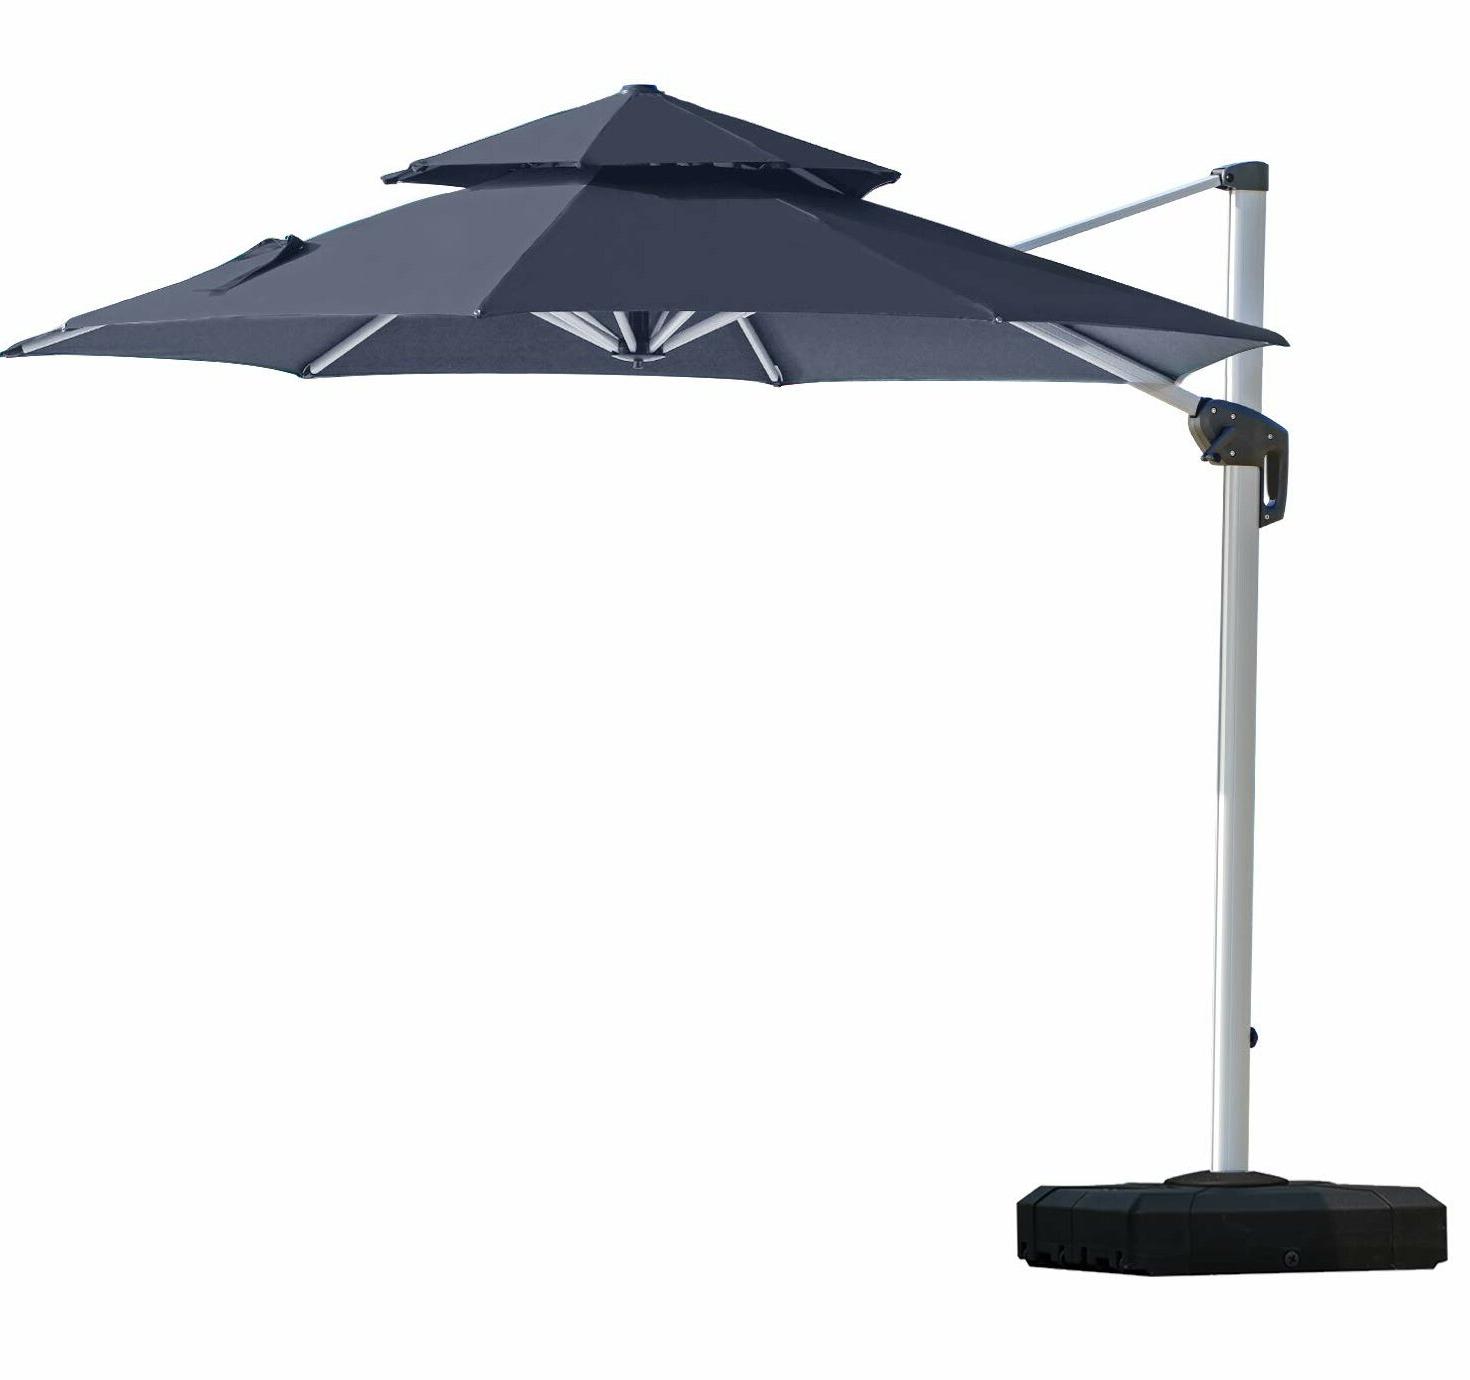 Lytham 10' Cantilever Umbrella Pertaining To Popular Voss Cantilever Sunbrella Umbrellas (Gallery 16 of 20)